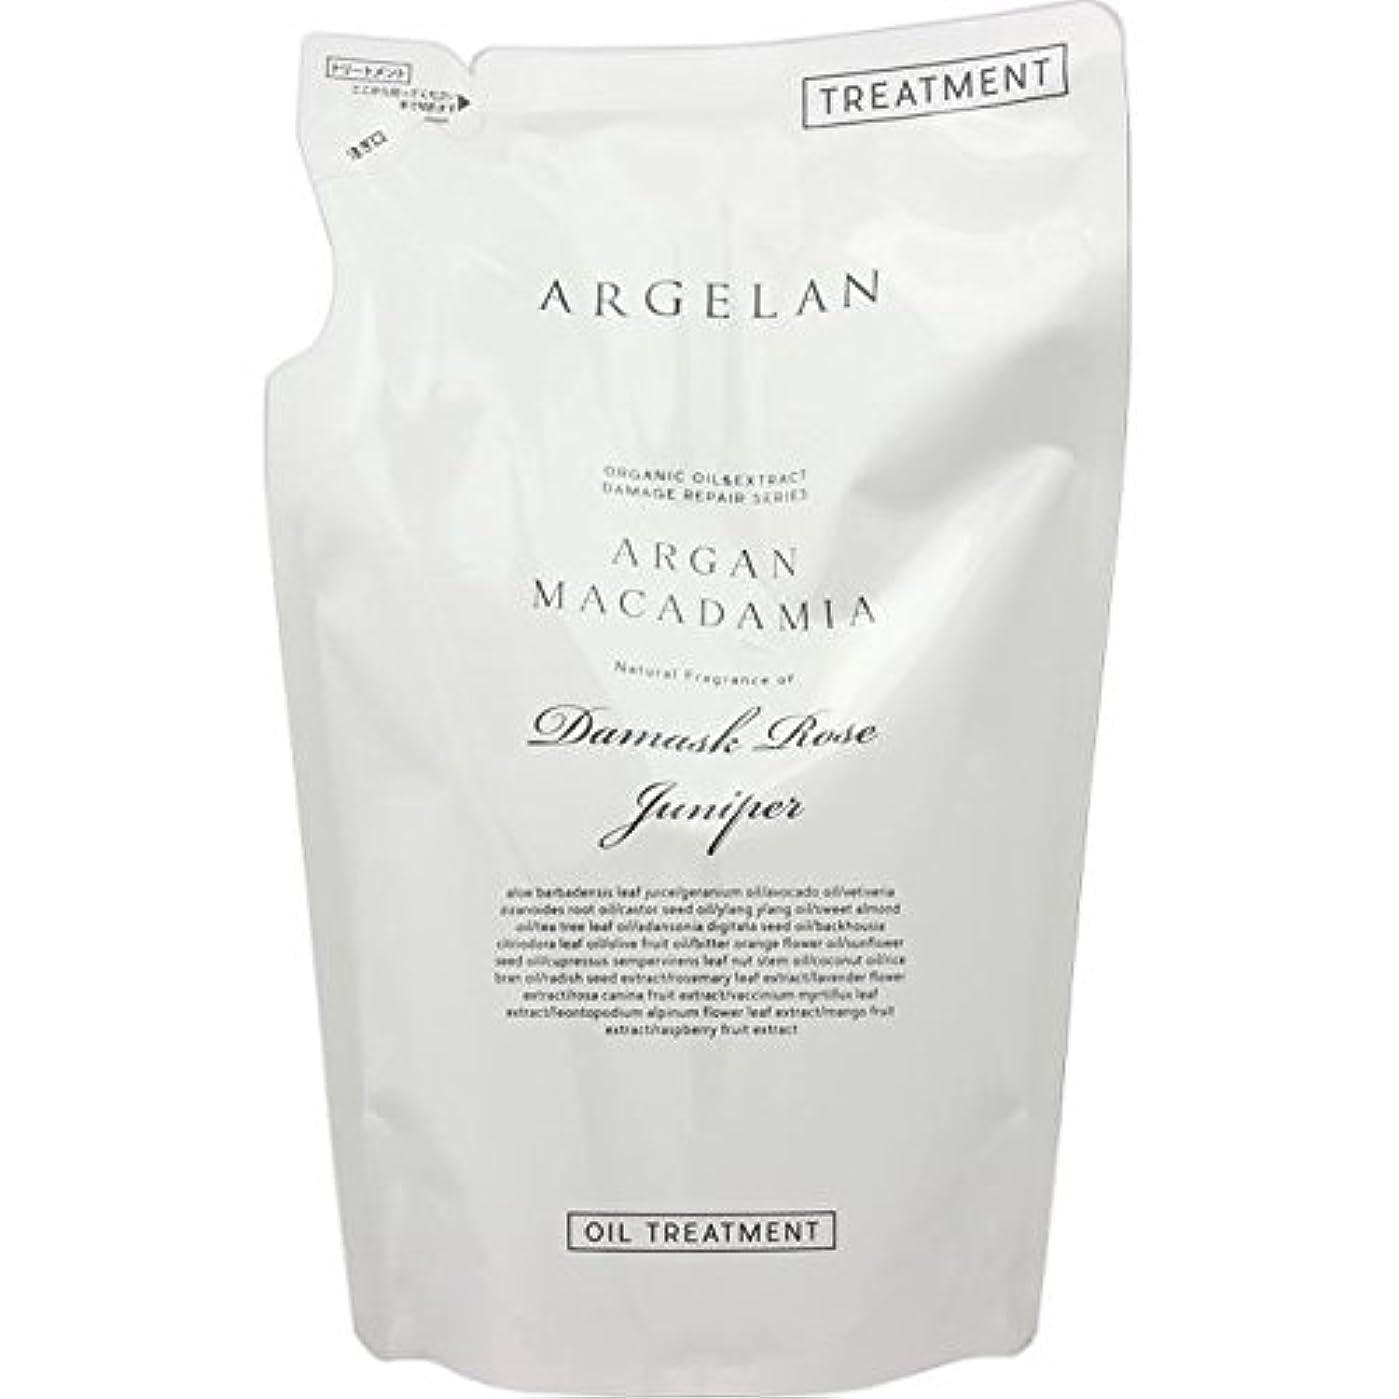 バンガローペルー生産的アルジェラン オーガニック 手搾りアルガン オイル トリートメント 詰替え用 400ml詰替